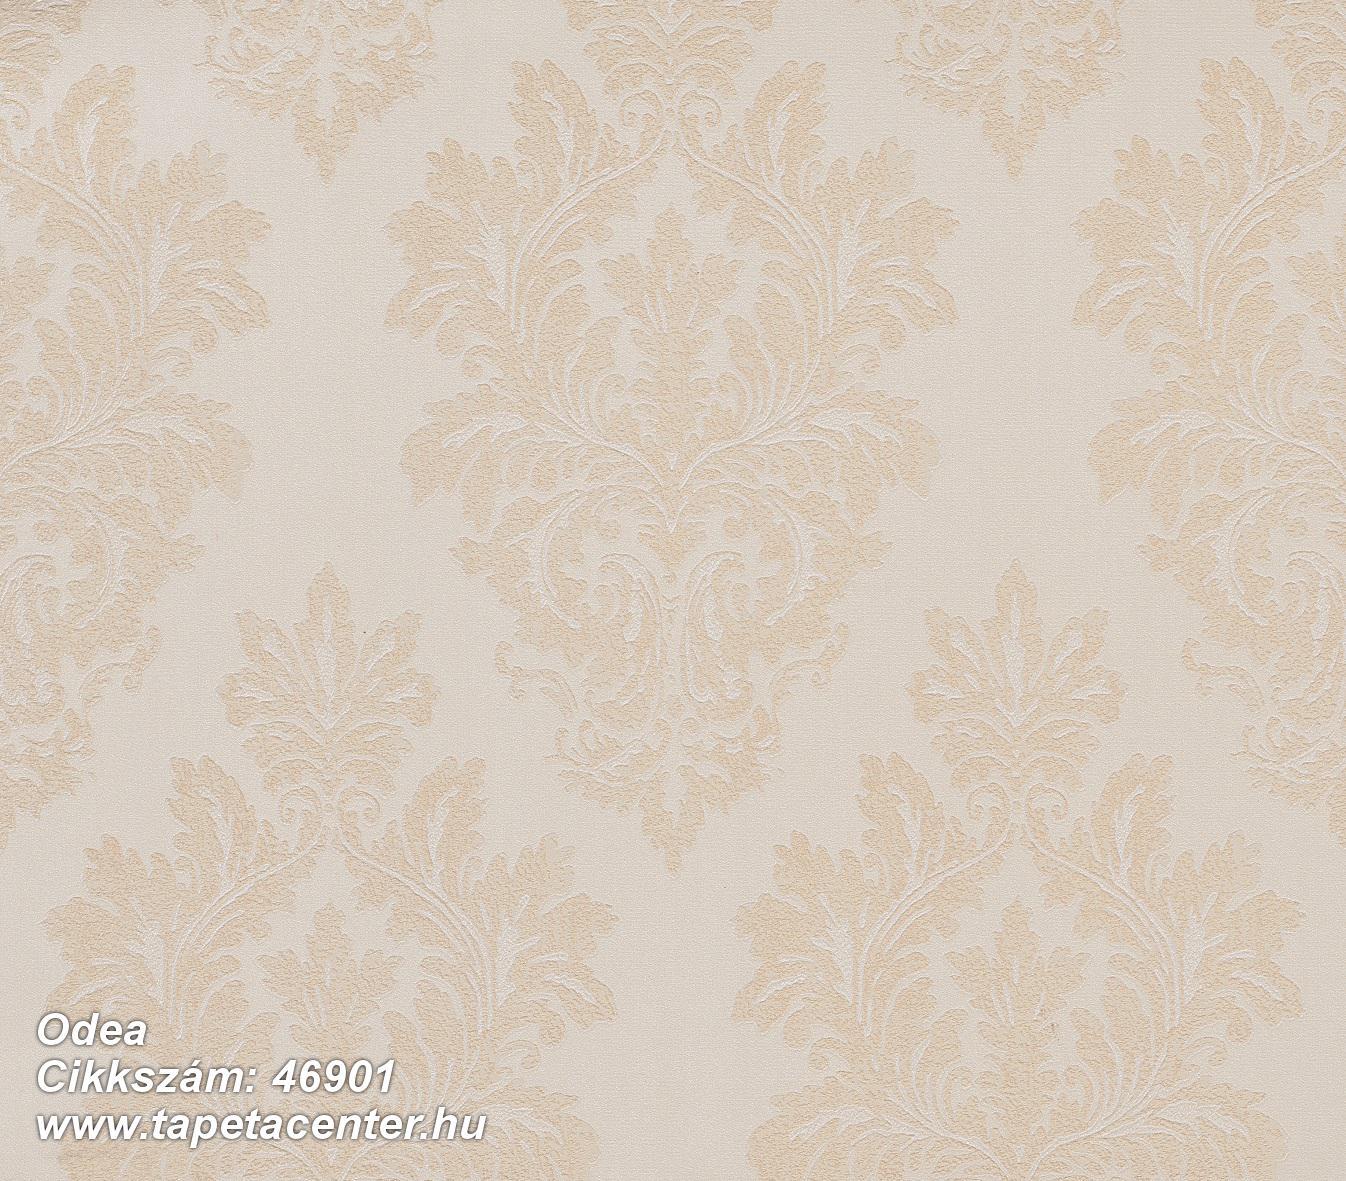 Odea - 46901 Olasz tapéta